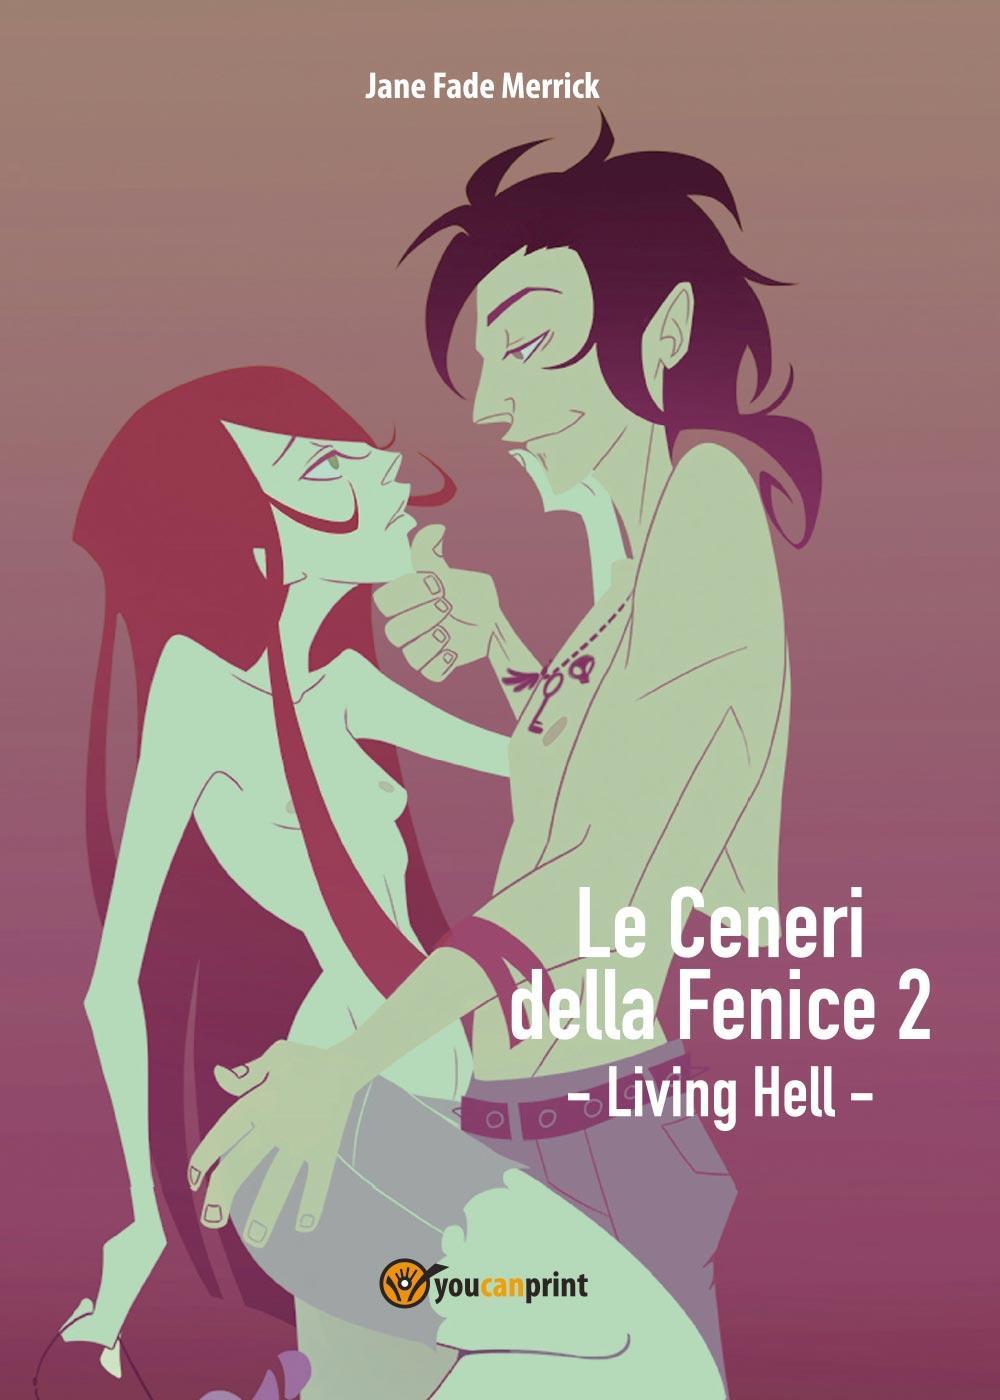 Le Ceneri della Fenice 2 - Living Hell